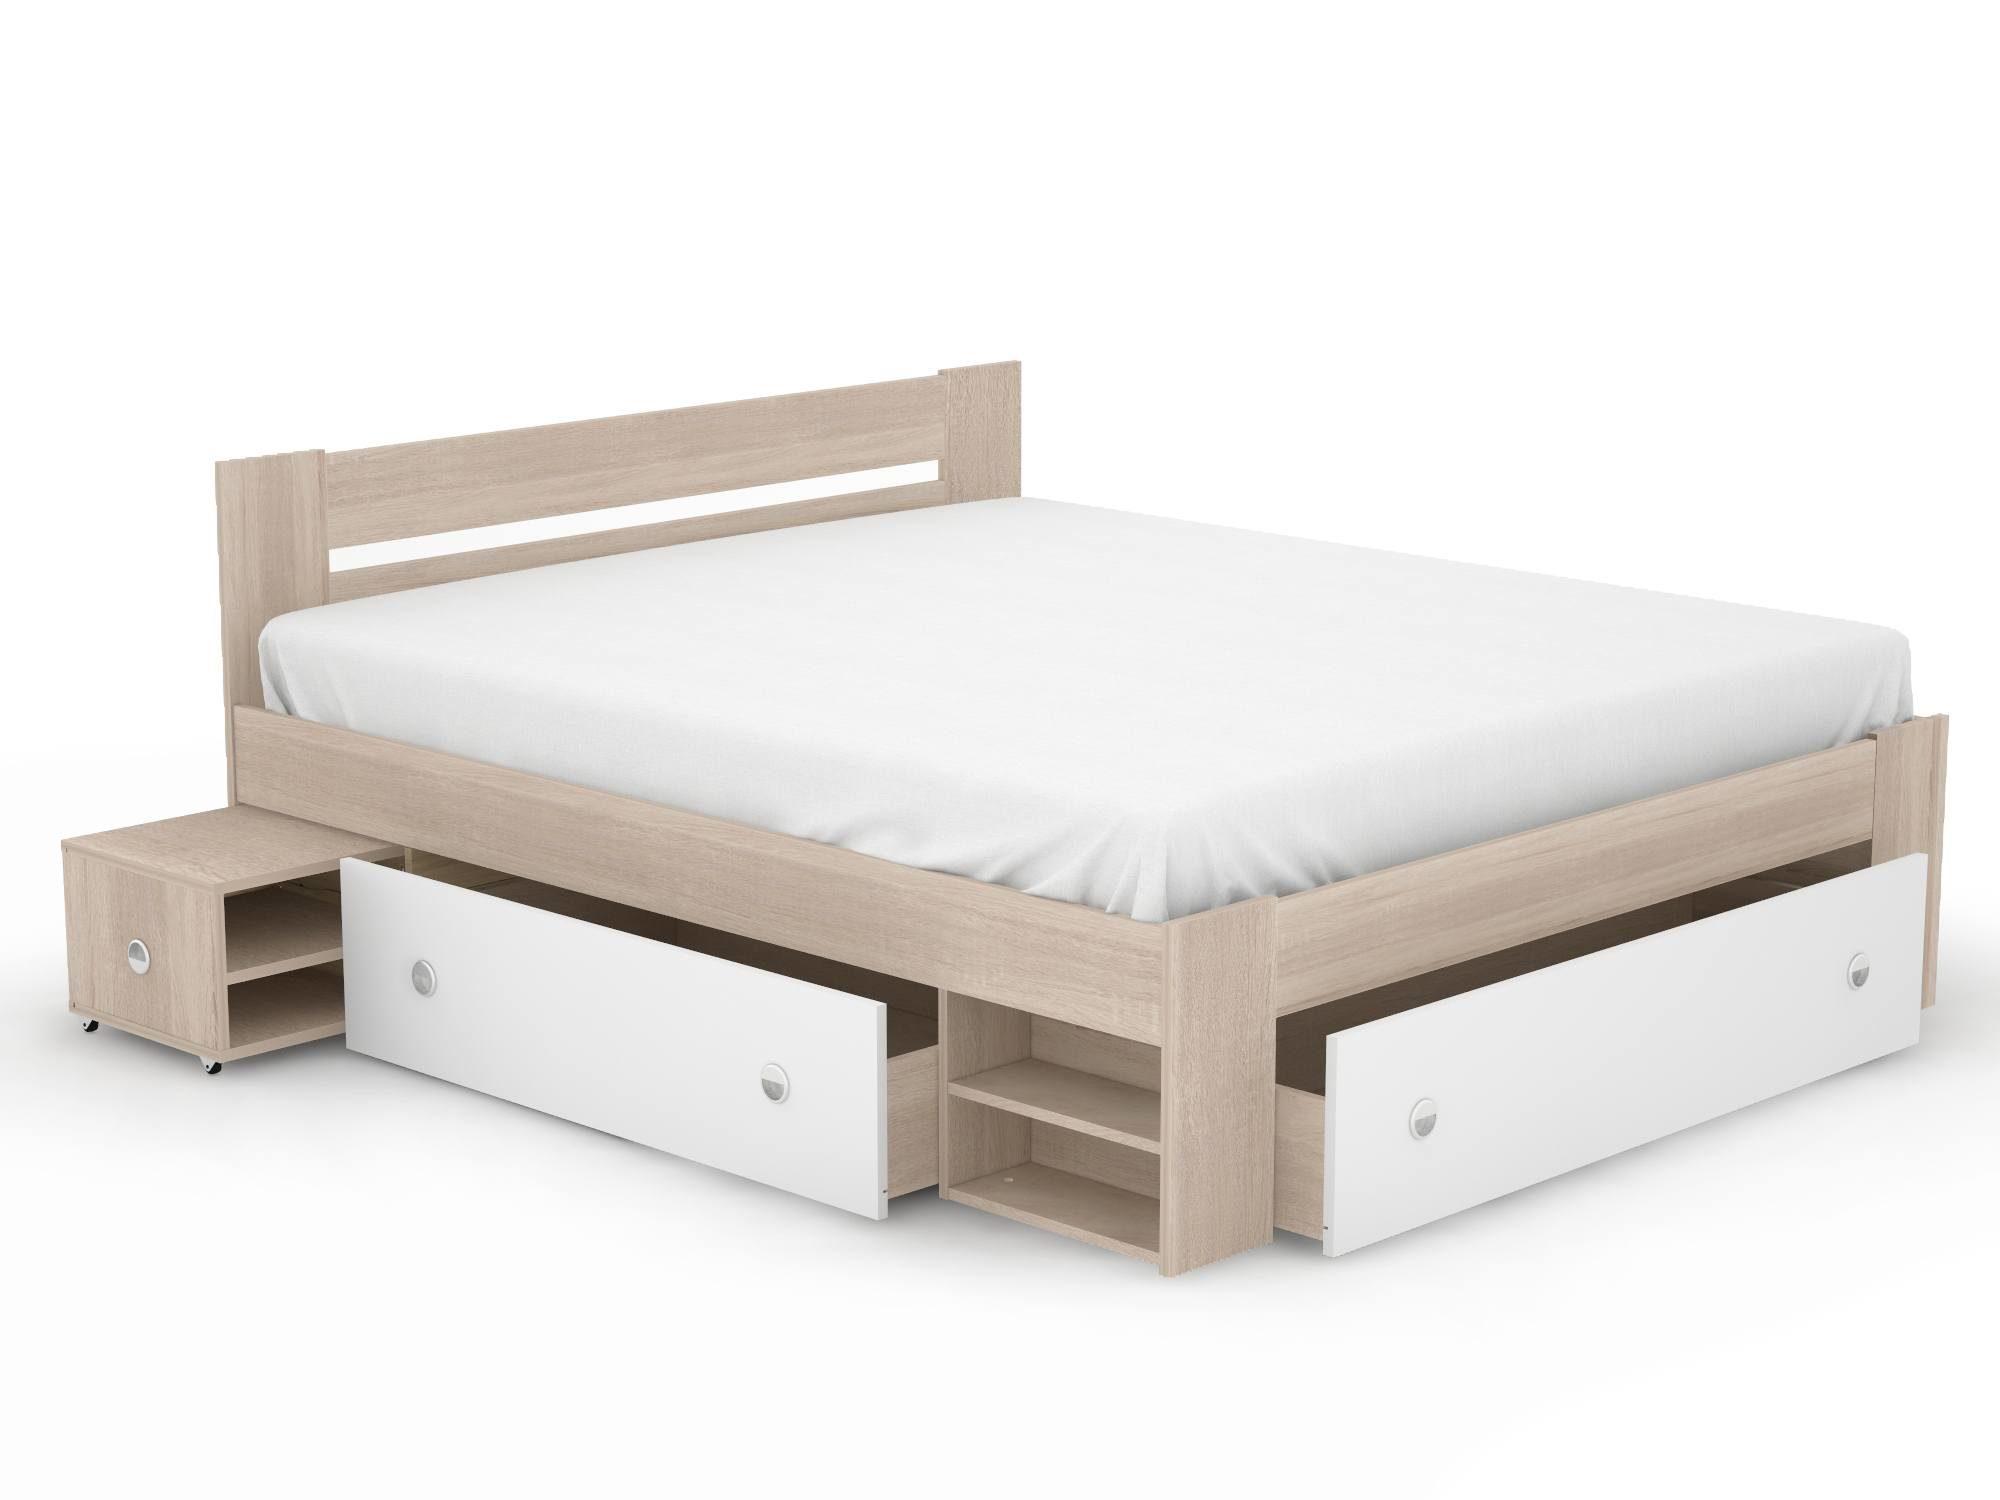 Выдвижные ящики в конструкции кровати позволит расхламить остальное пространство комнаты.